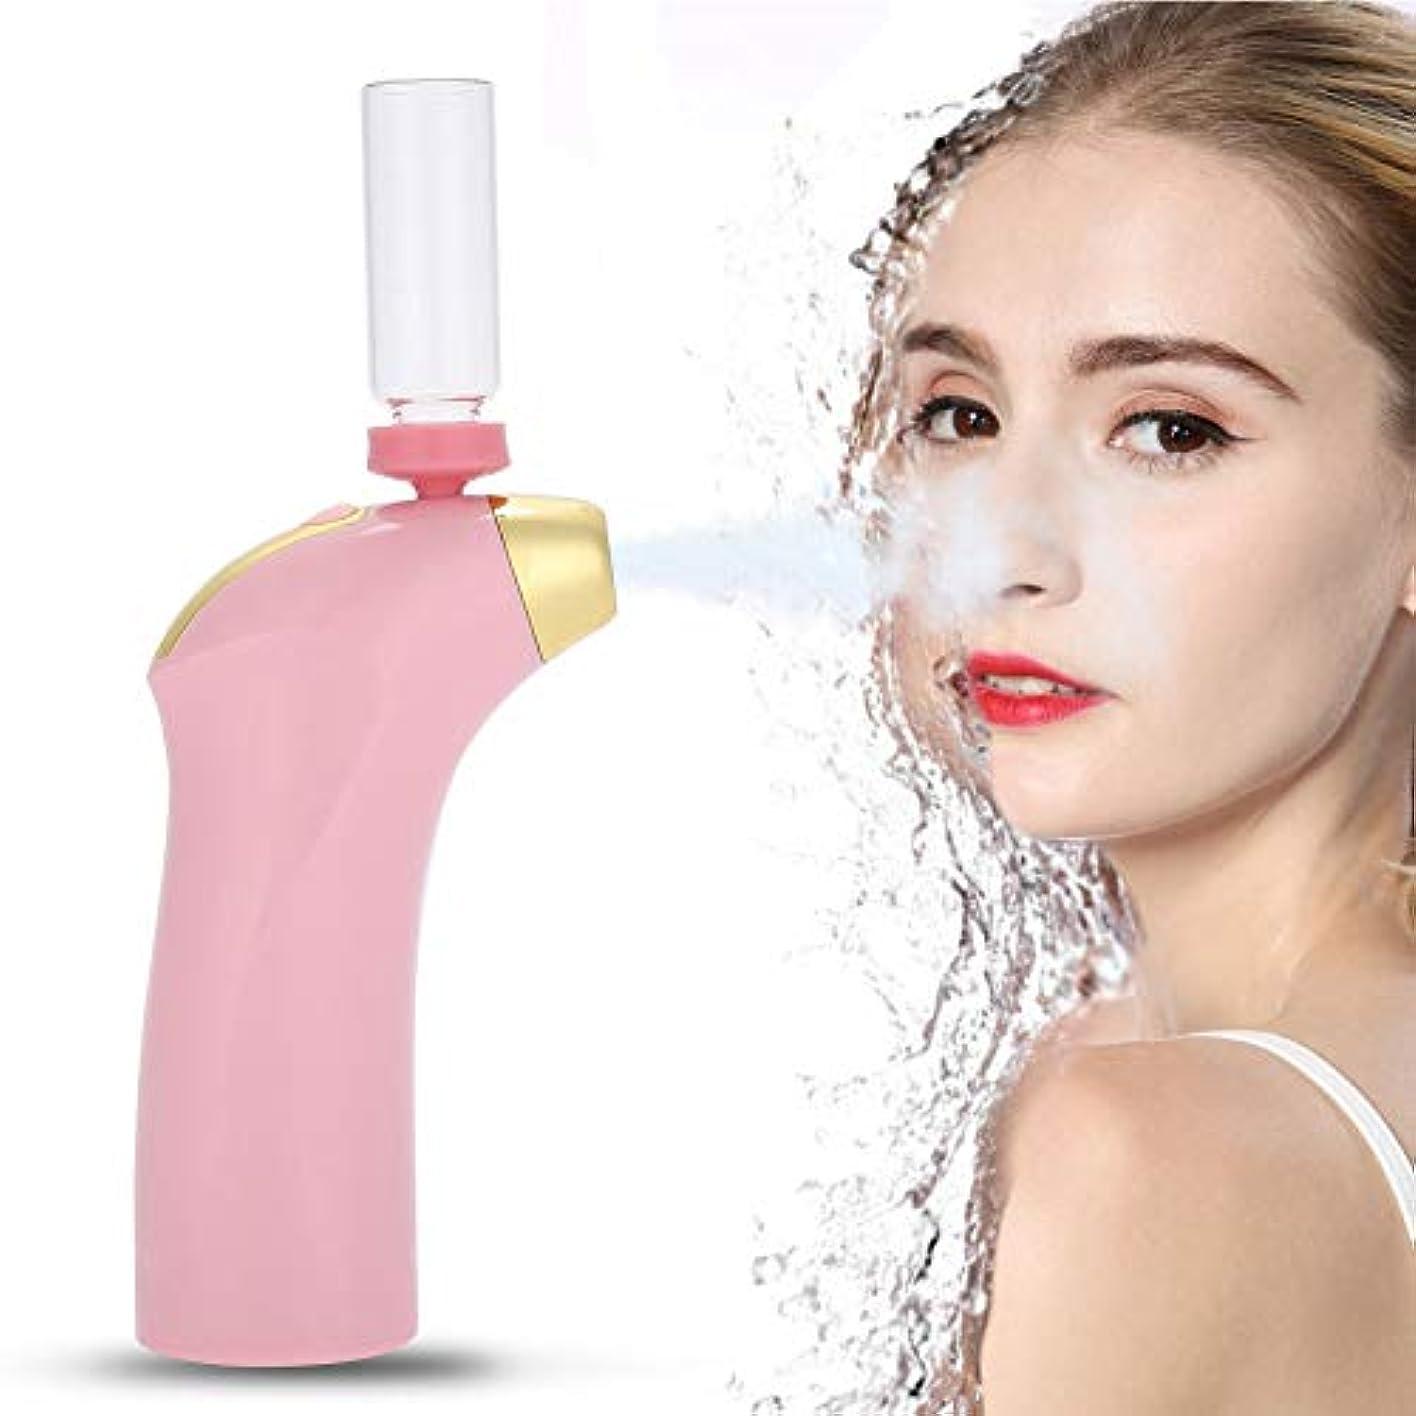 注ぎます襲撃ランタン専門の酸素の注入のスプレーガン - 顔の皮の若返りの美機械、顔の美の器械、引き締まる皮は、肌の色合い、色素形成を改善します